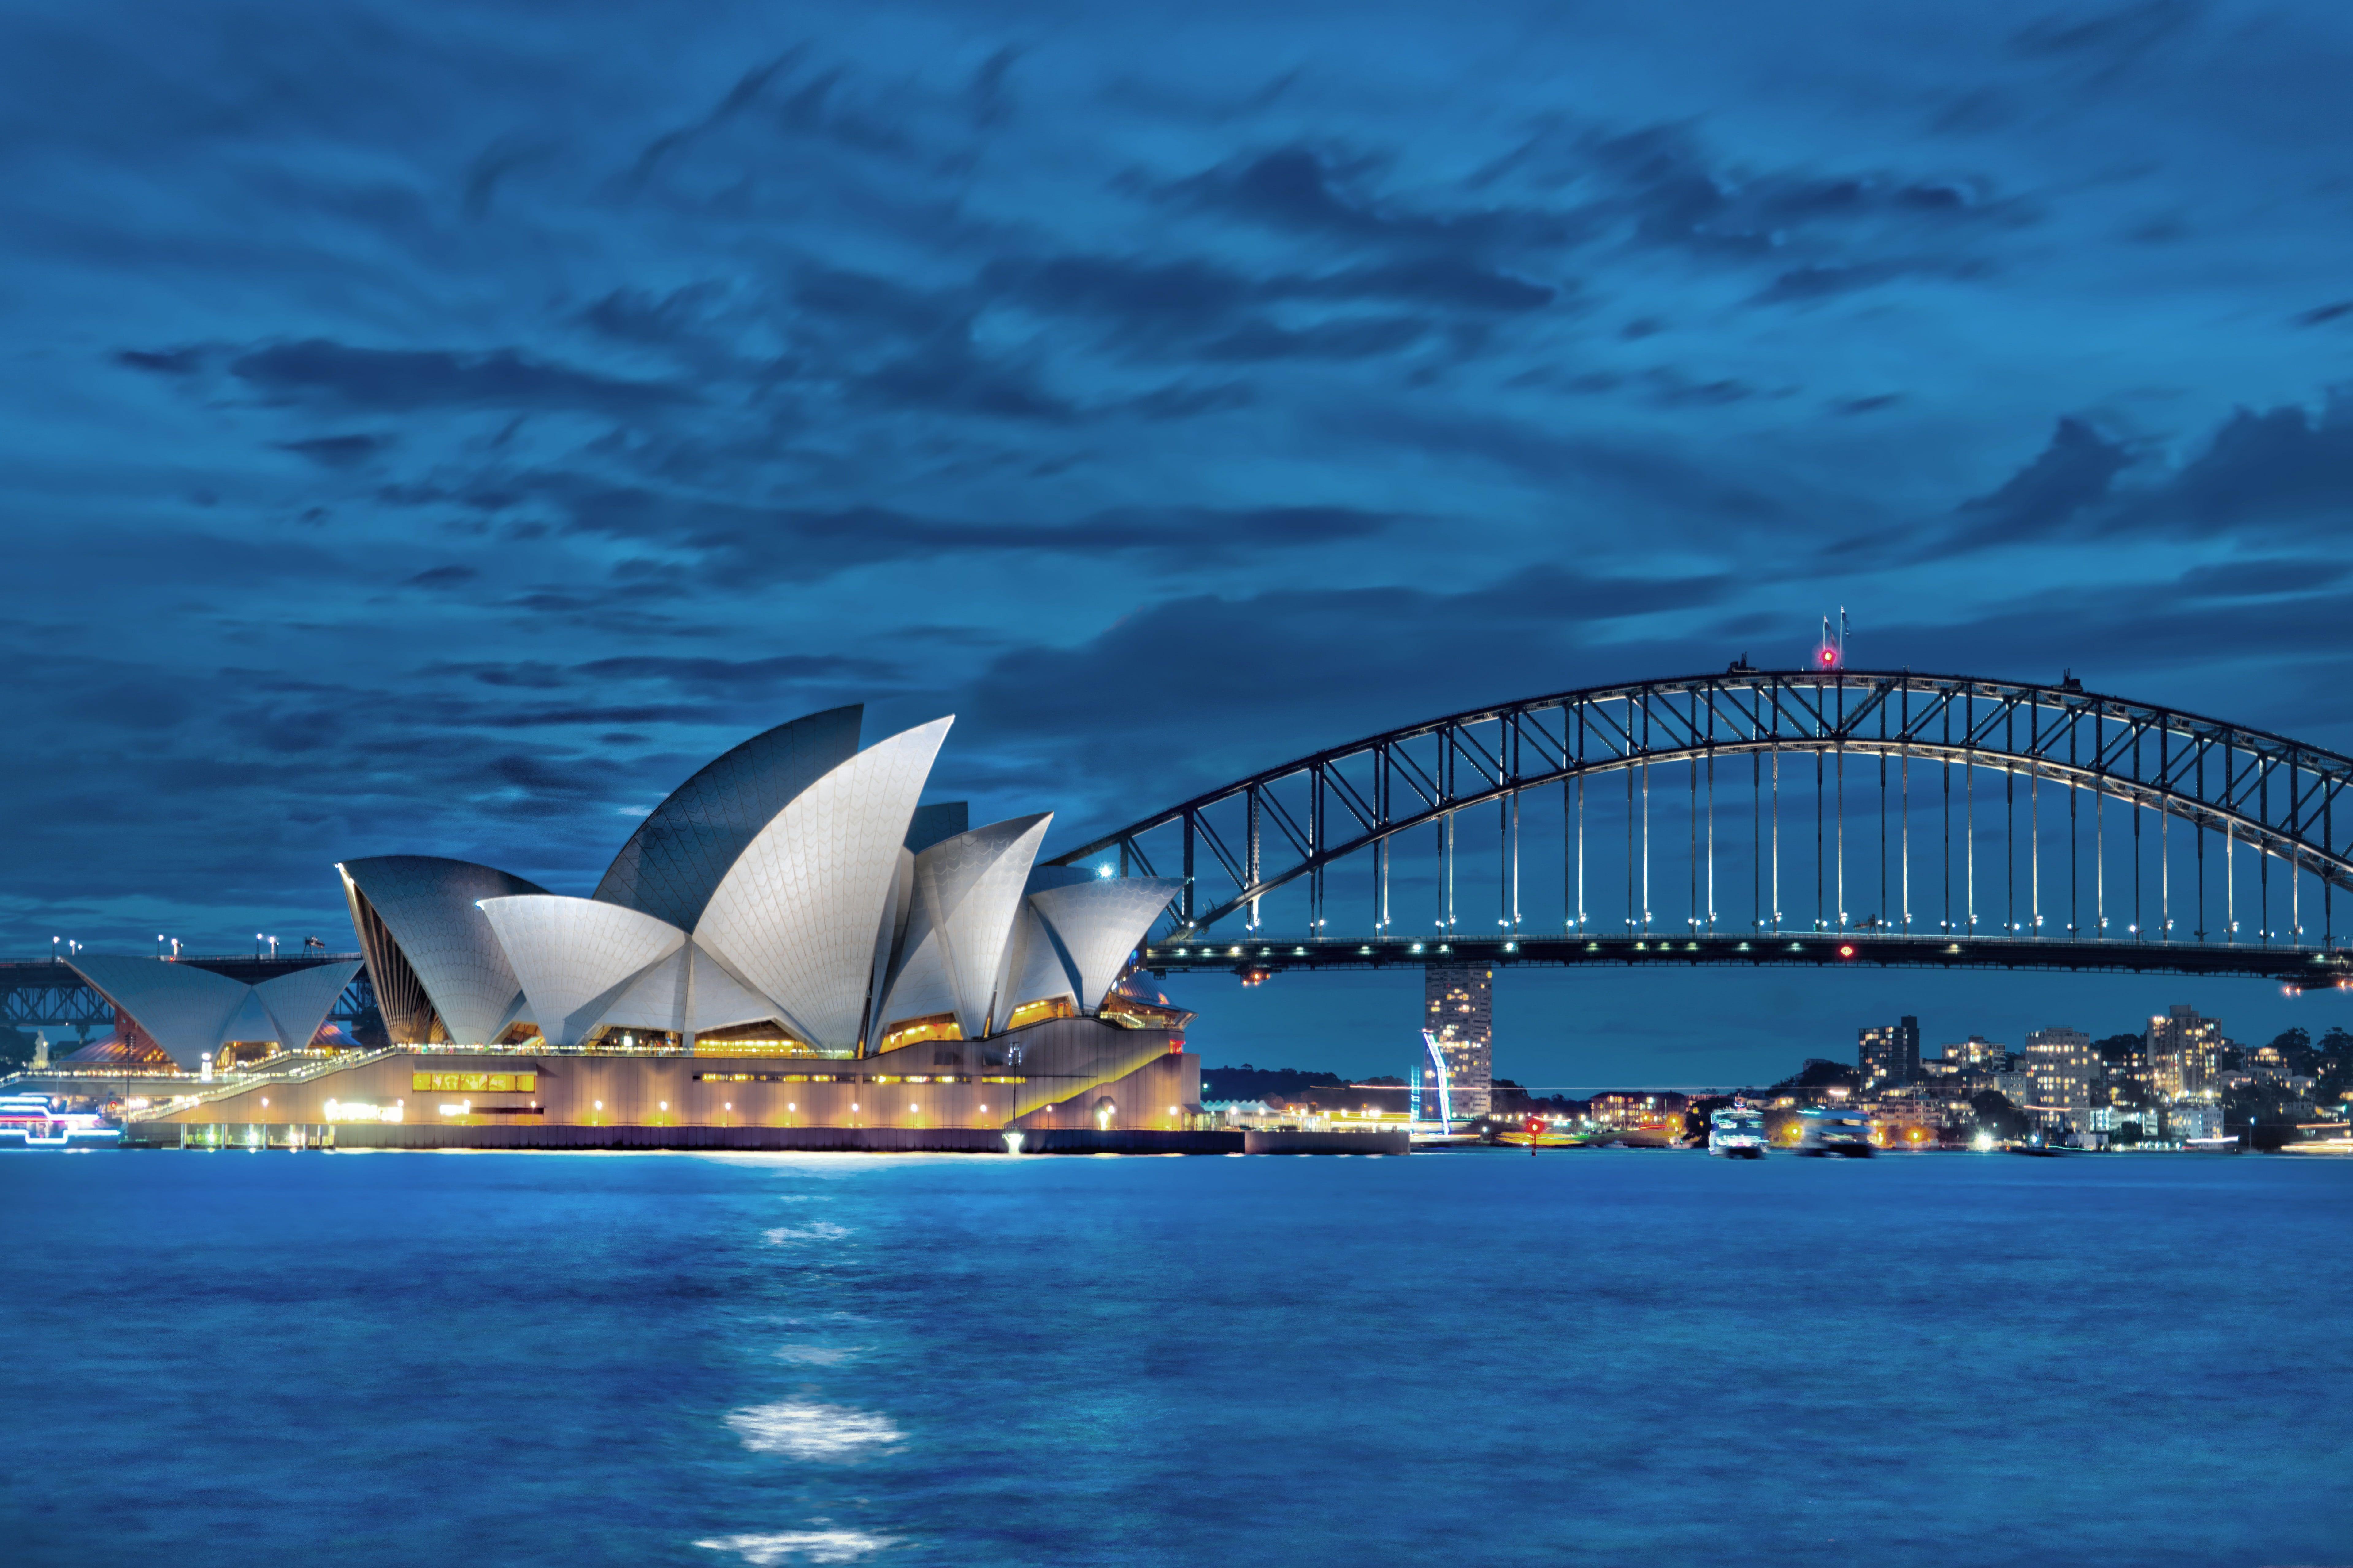 d72c5c3f7bb8876444b898b6b6bef8de - Sydney Opera House To Botanic Gardens Walk